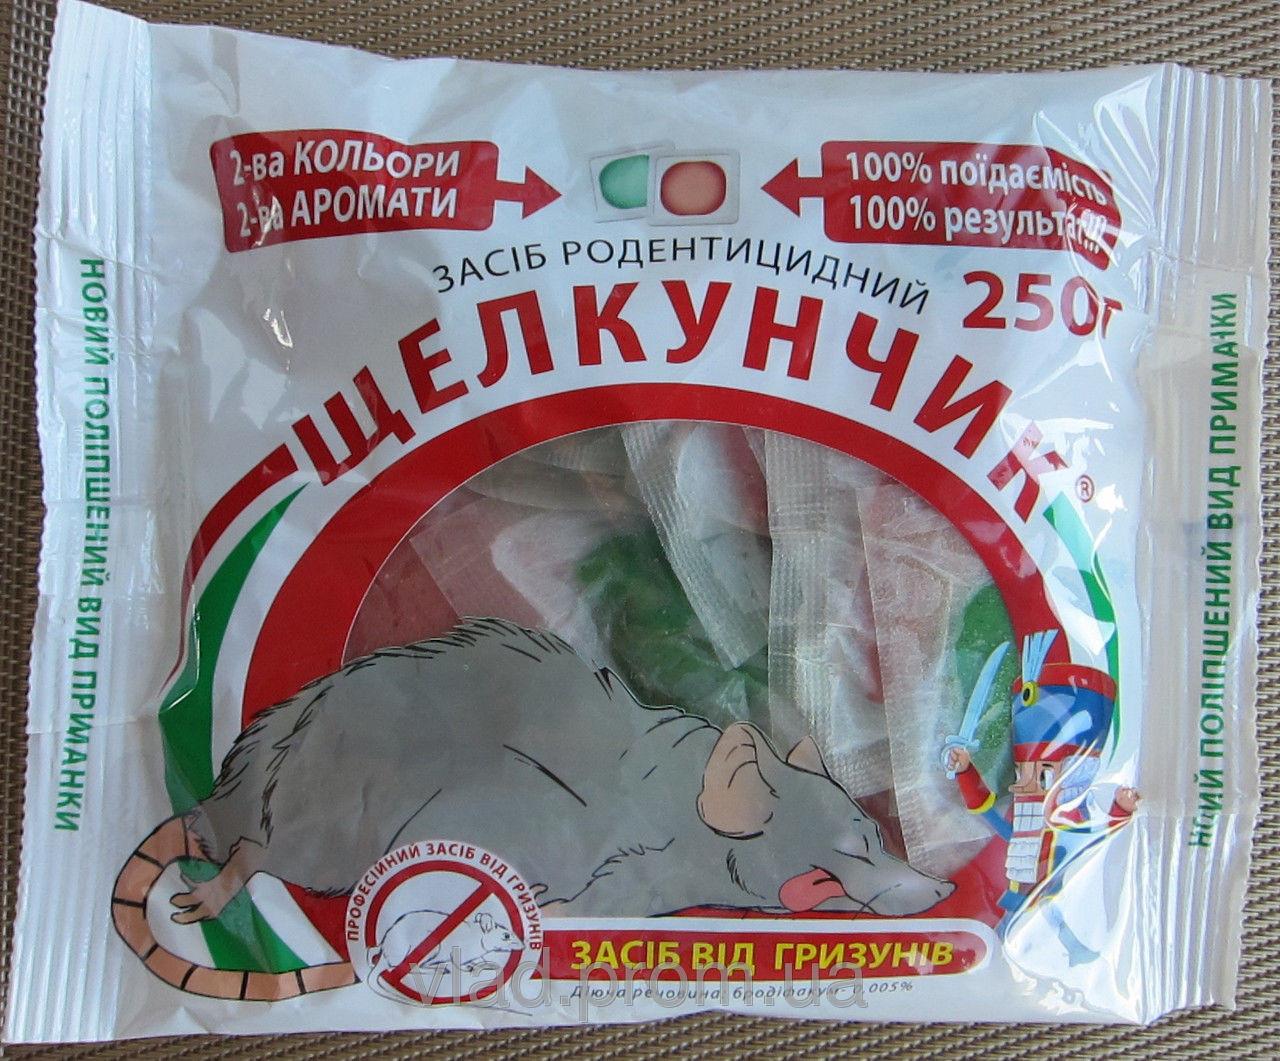 Щелкунчик двухцветная приманка тесто от крыс и мышей 250 г оригинал